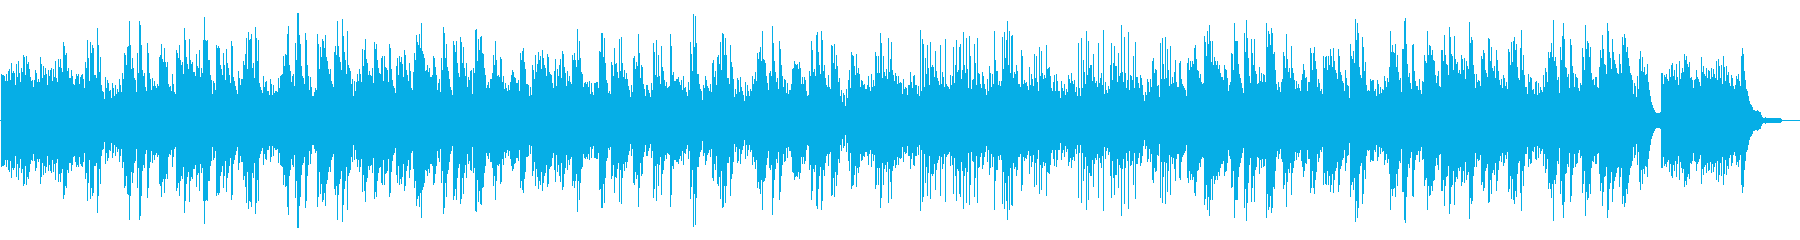 ゆっくり綺麗なピアノソロ バラードの再生済みの波形